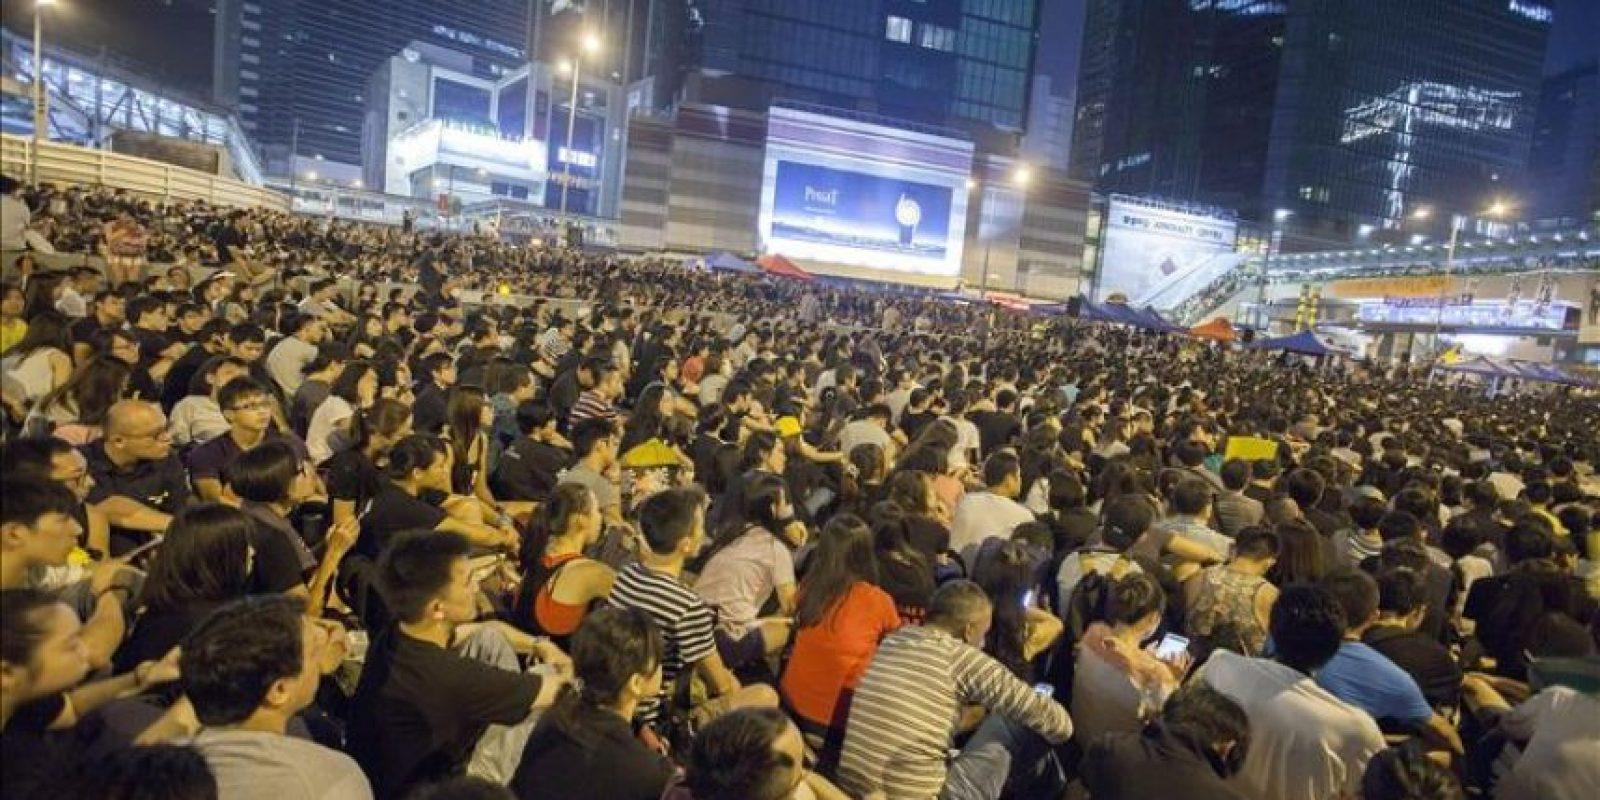 Los estudiantes prodemocracia de Hong Kong han obviado las advertencias del Gobierno local para que abandonen las calles y celebran una multitudinaria reunión en la zona de Admiralty, en los alrededores de la sede del Ejecutivo. EFE